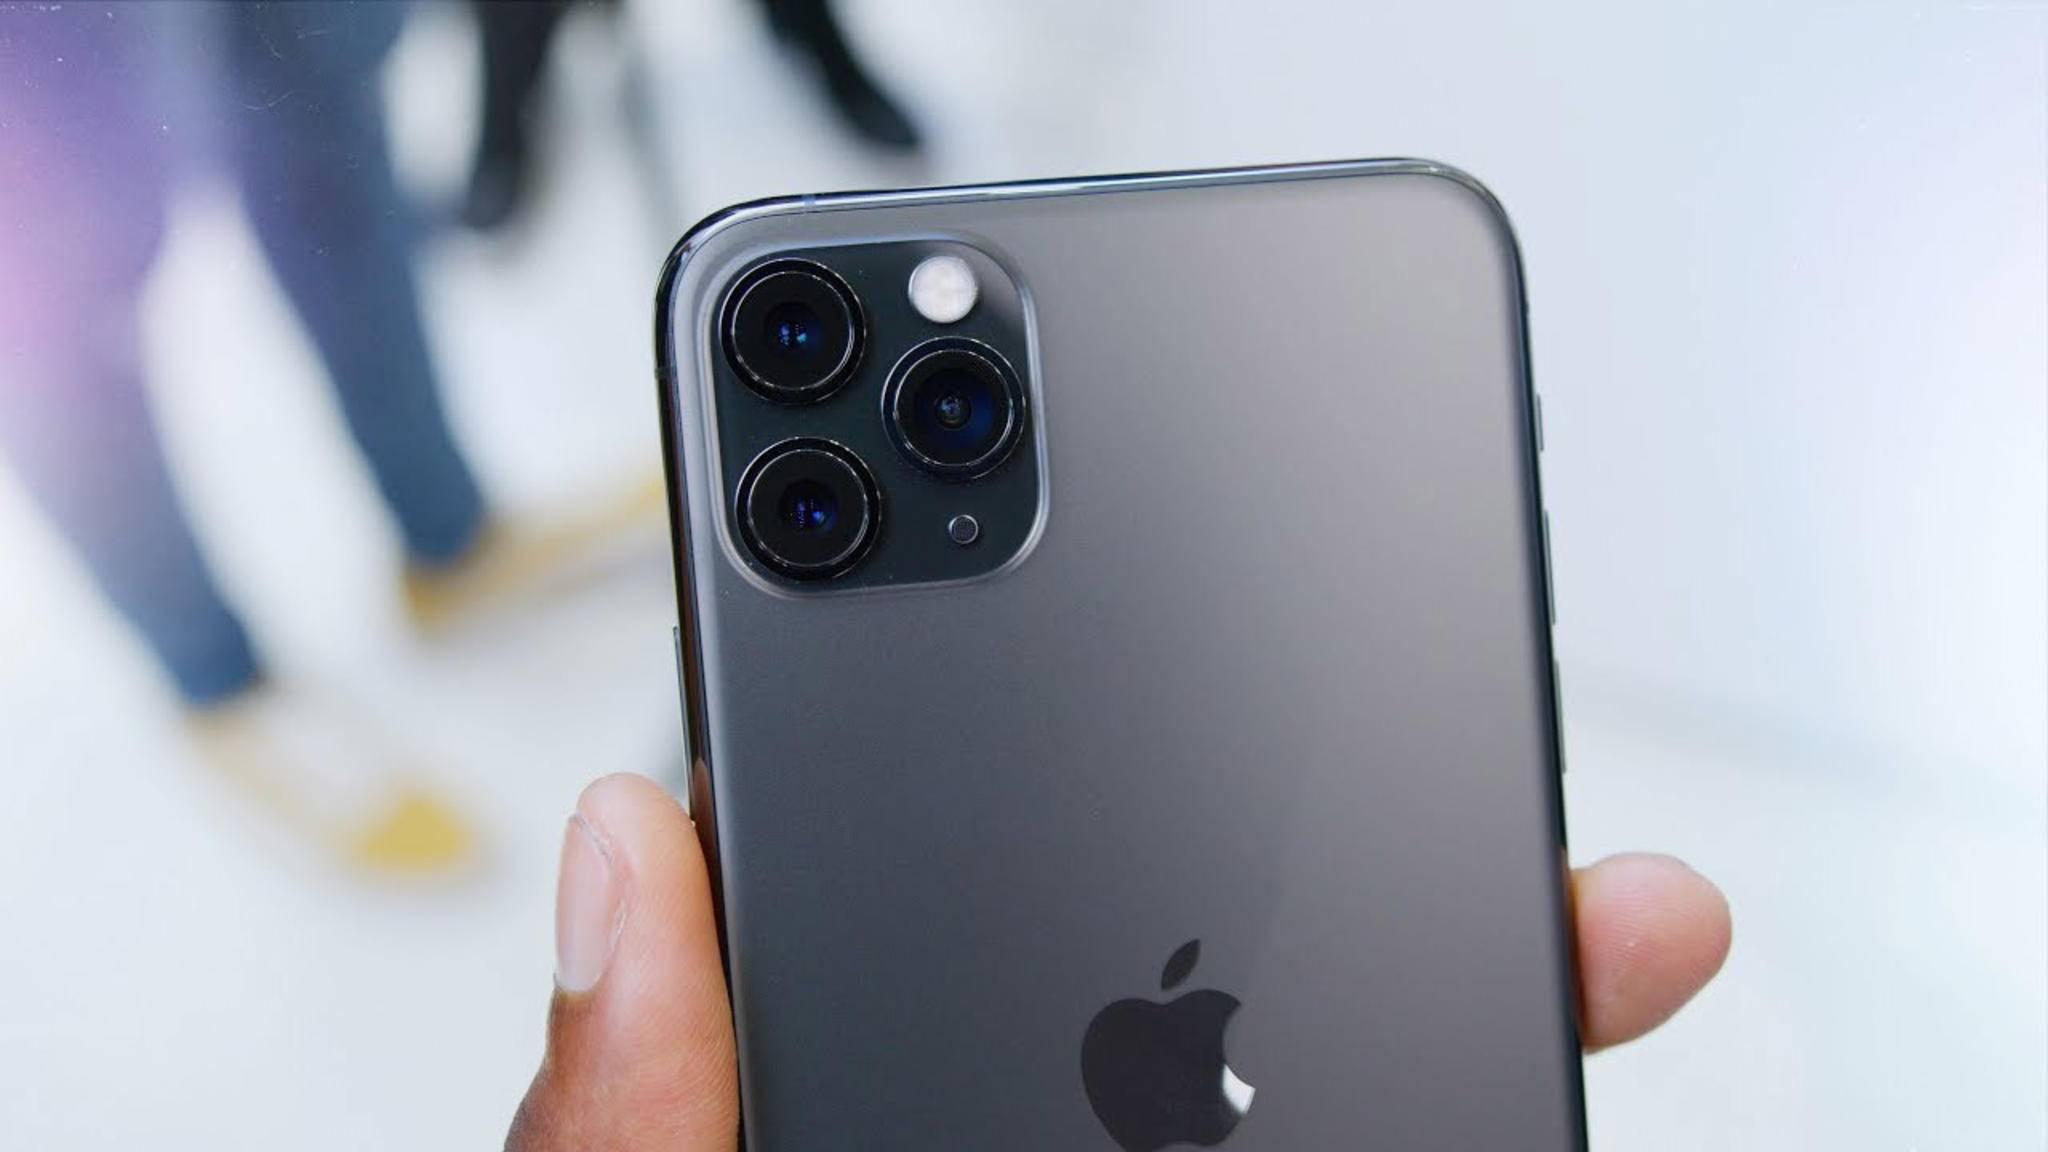 Der Nachfolger des iPhone 11 Pro soll mehr Arbeitsspeicher mitbringen.